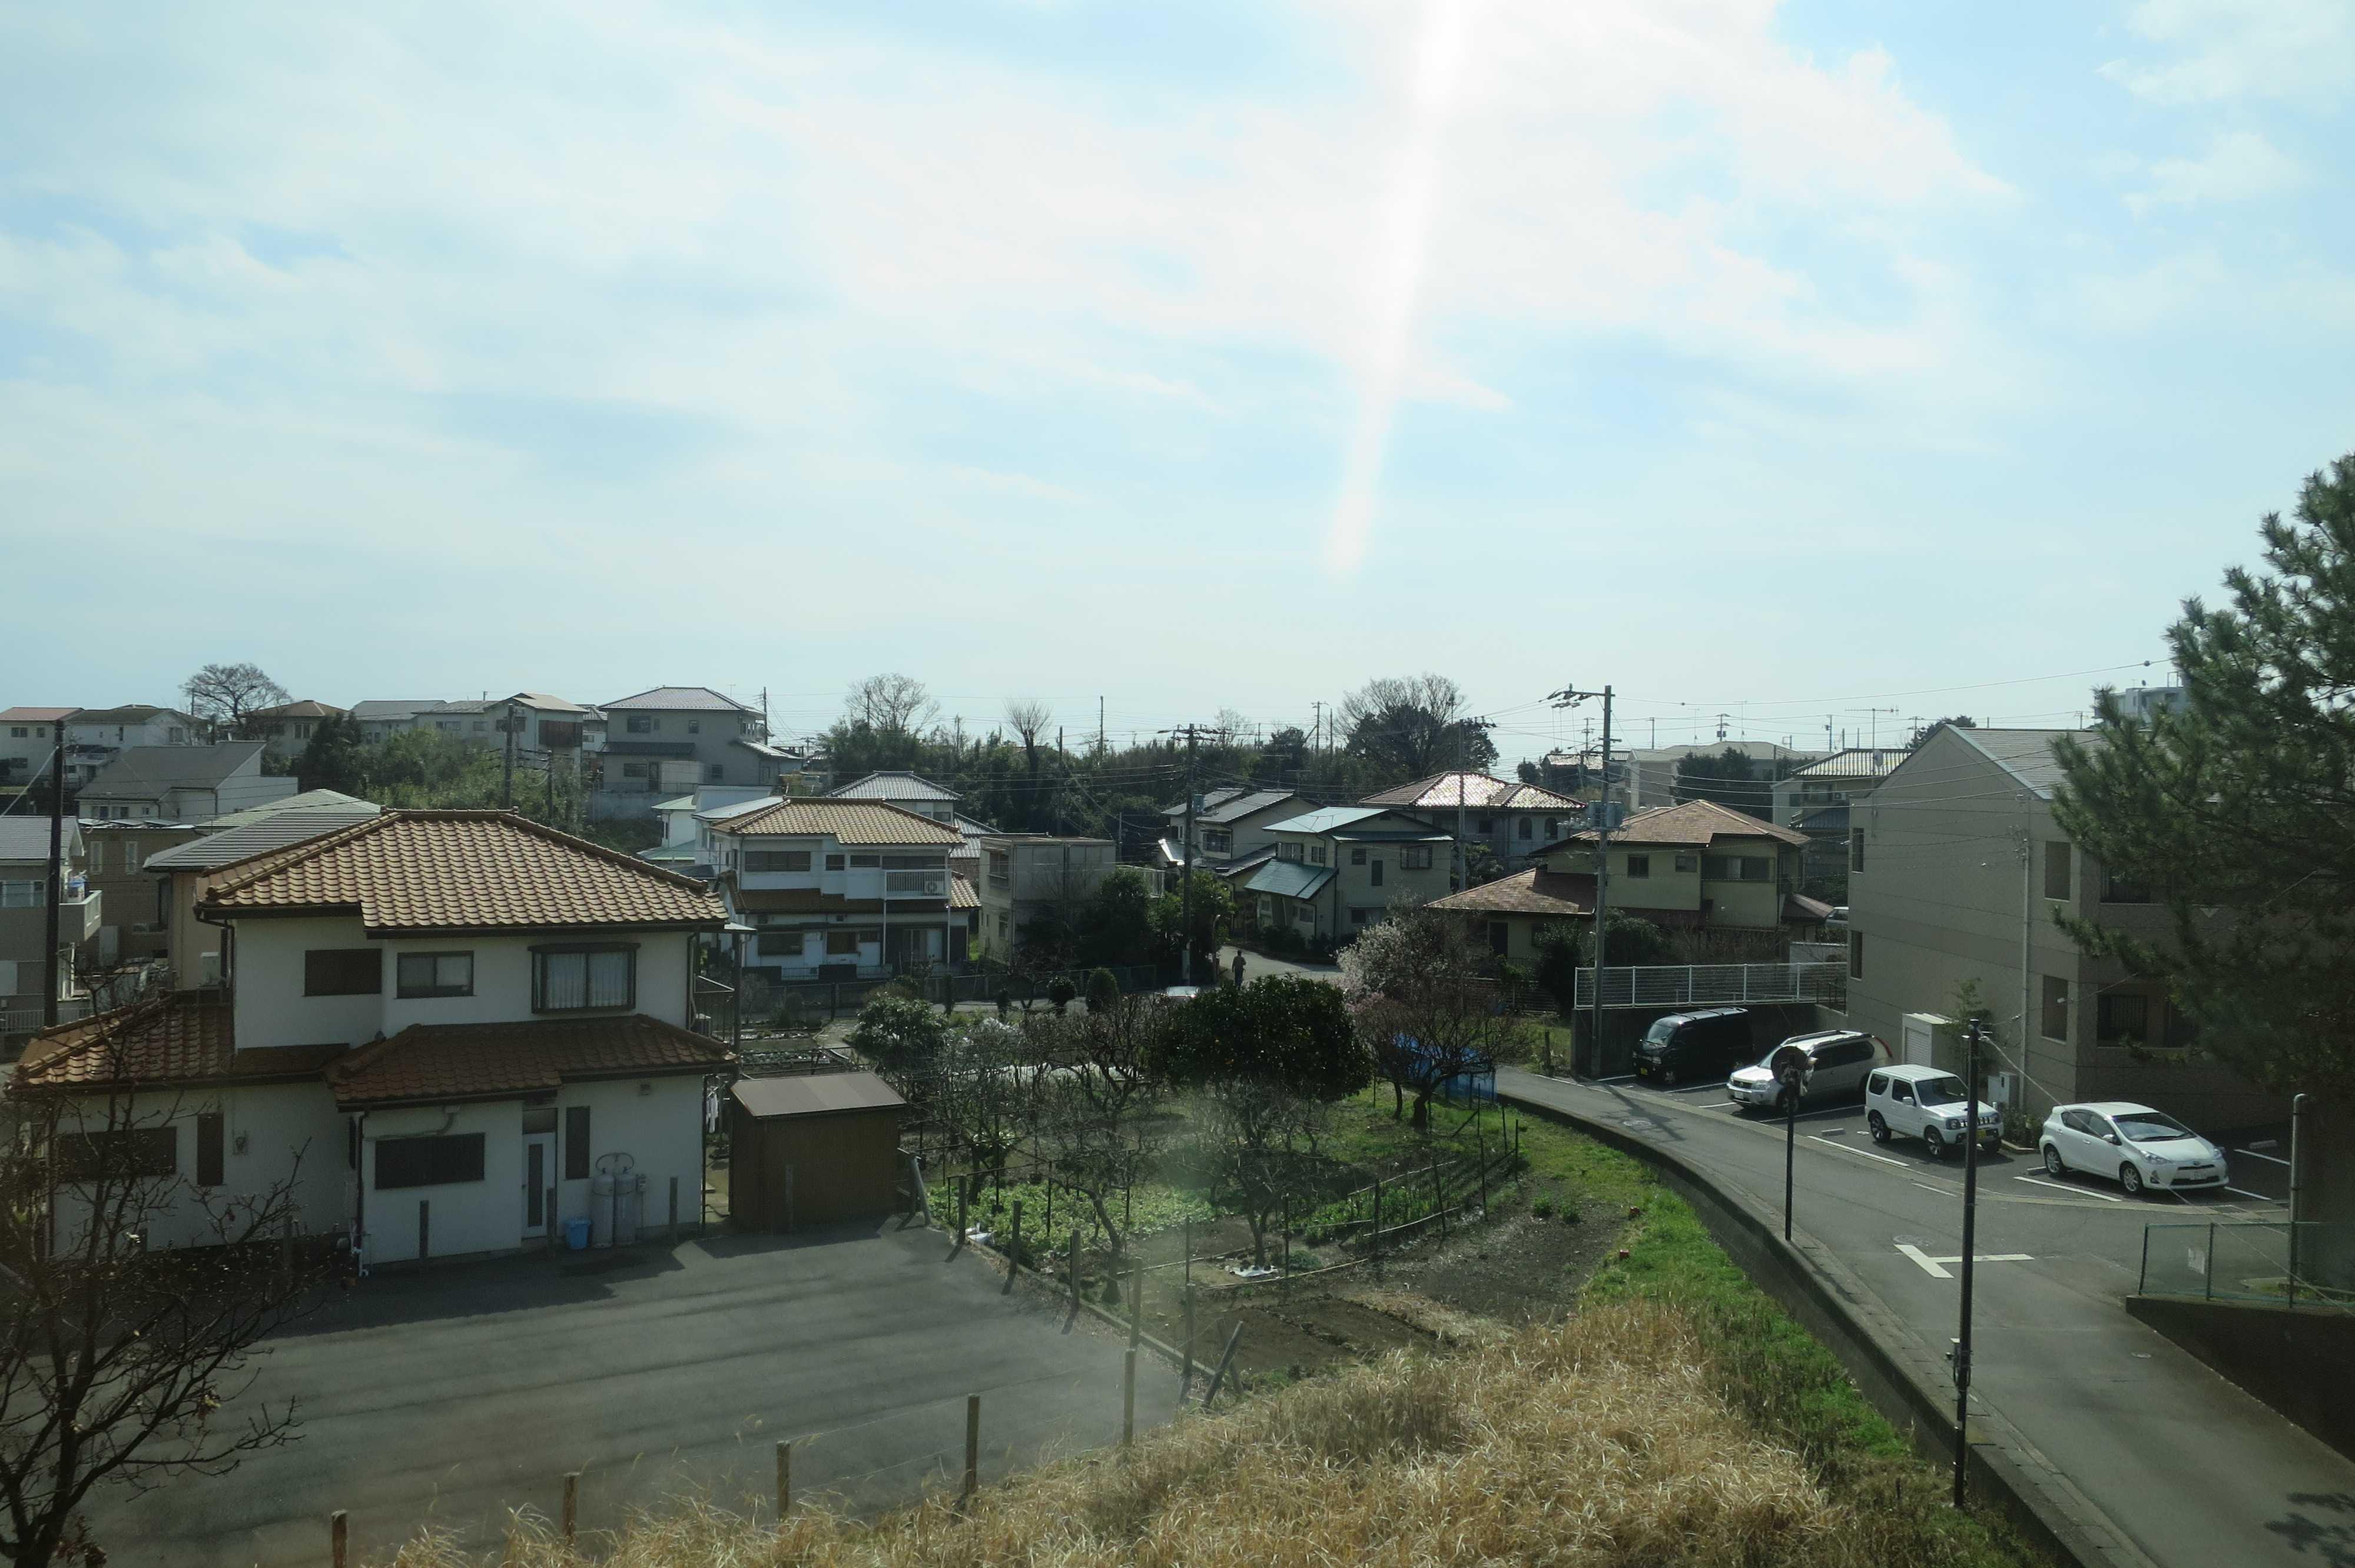 東海道線 - 湘南、暖かい春の日差し